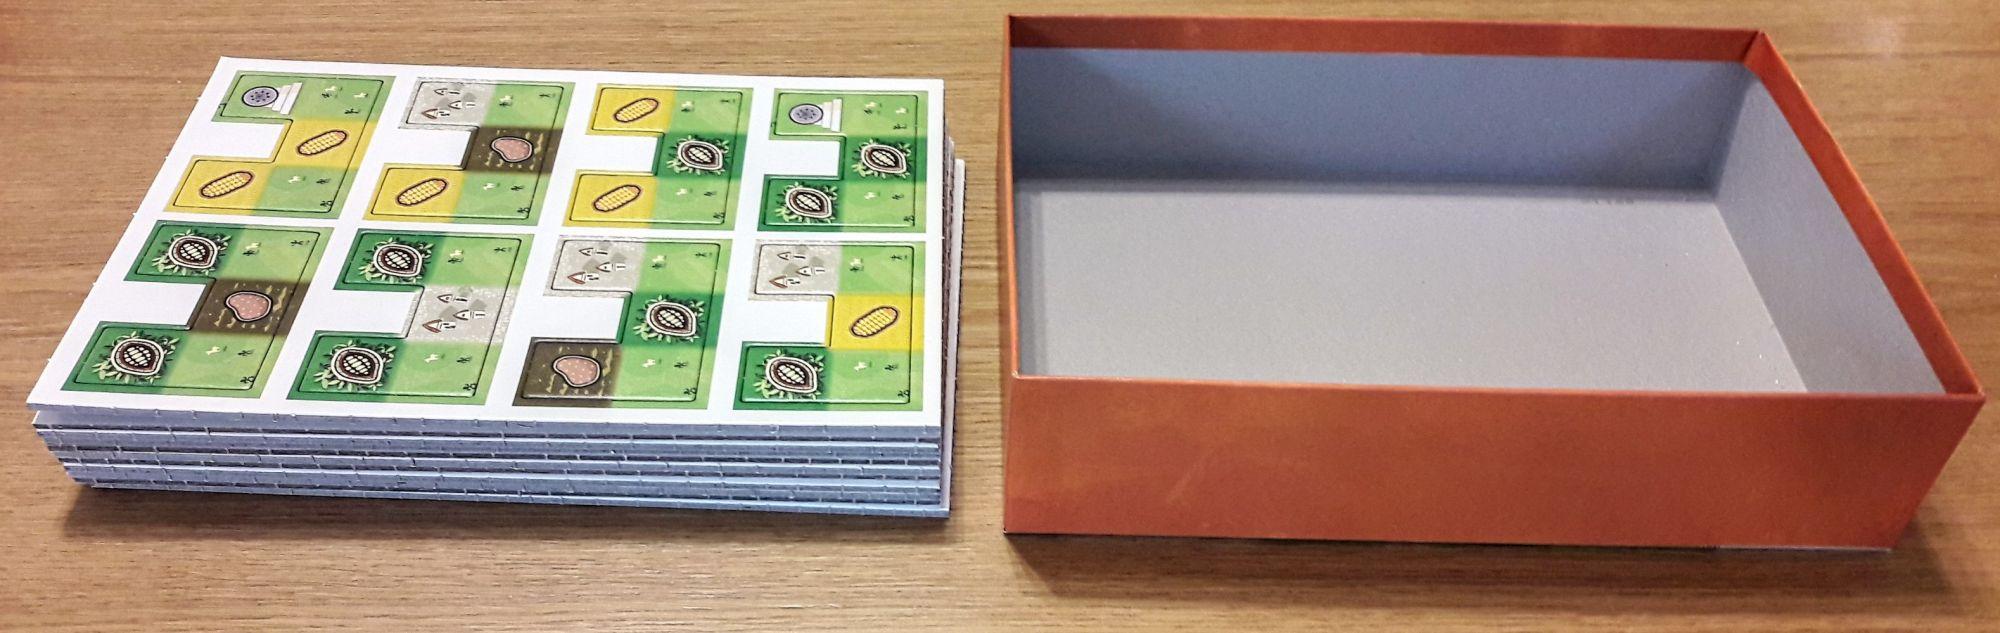 Plus de la moitié de la boîte est pleine de carton super épais de plus de 2mm !!!